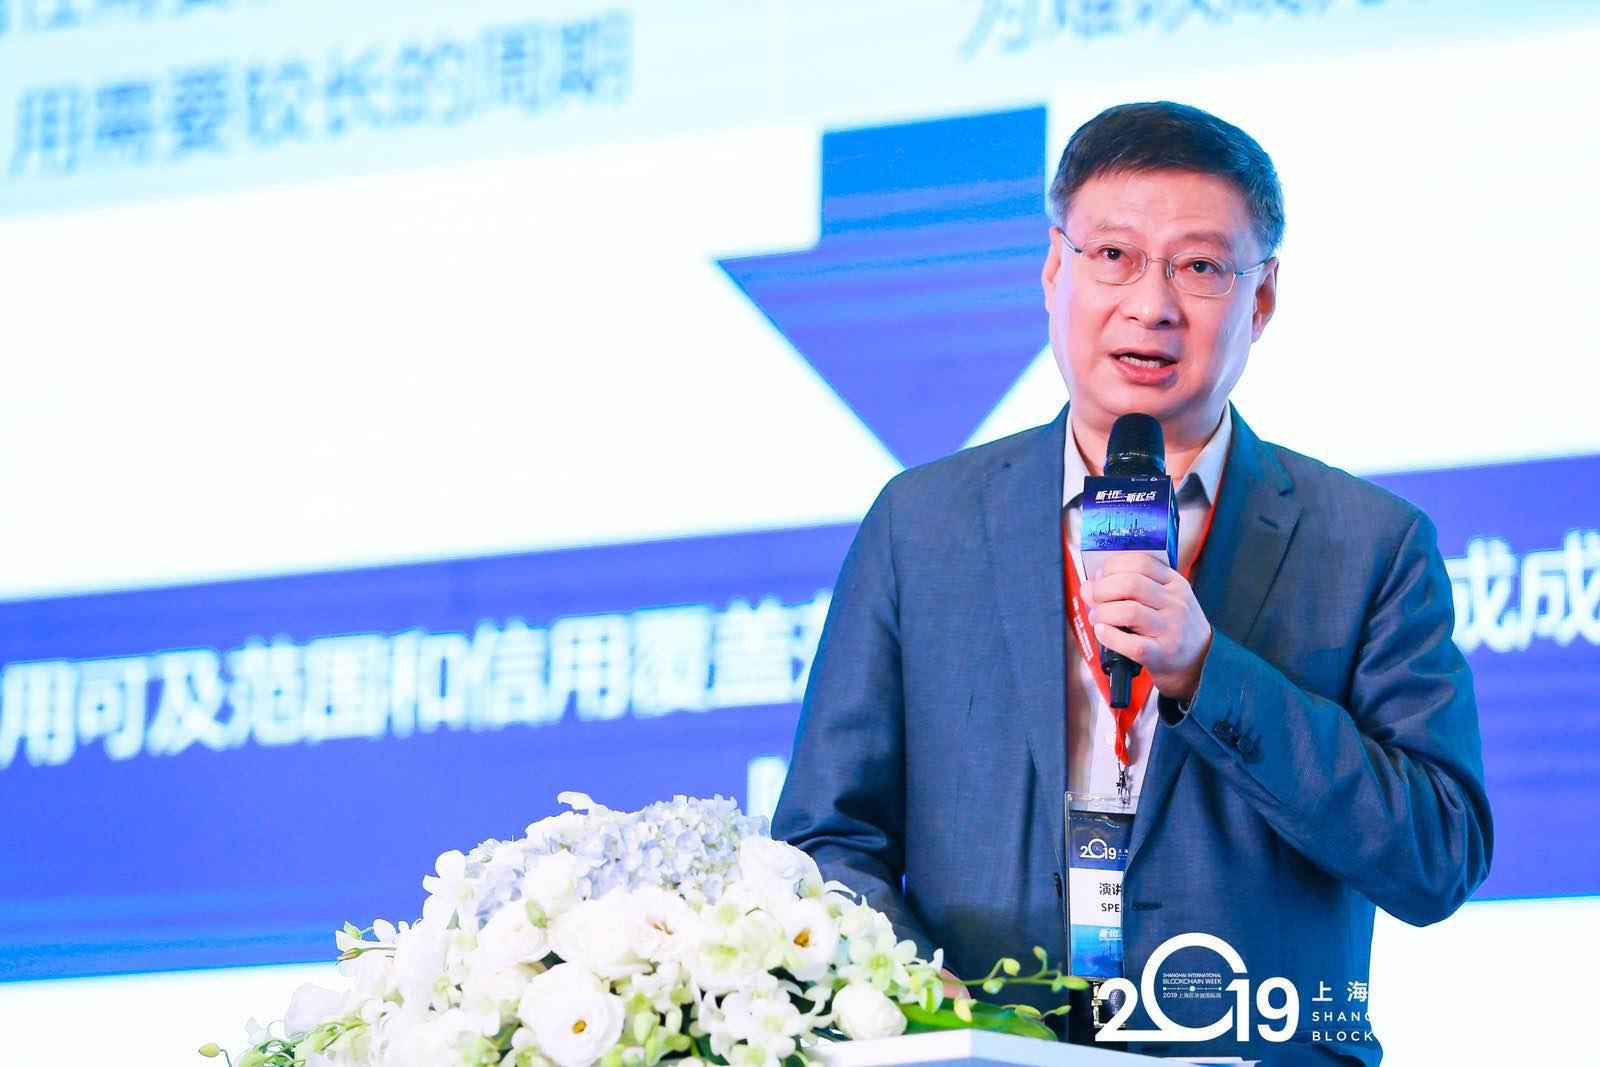 中行原行長李禮輝:區塊鏈可能沖擊金融機構中介地位,重構經濟金融模式